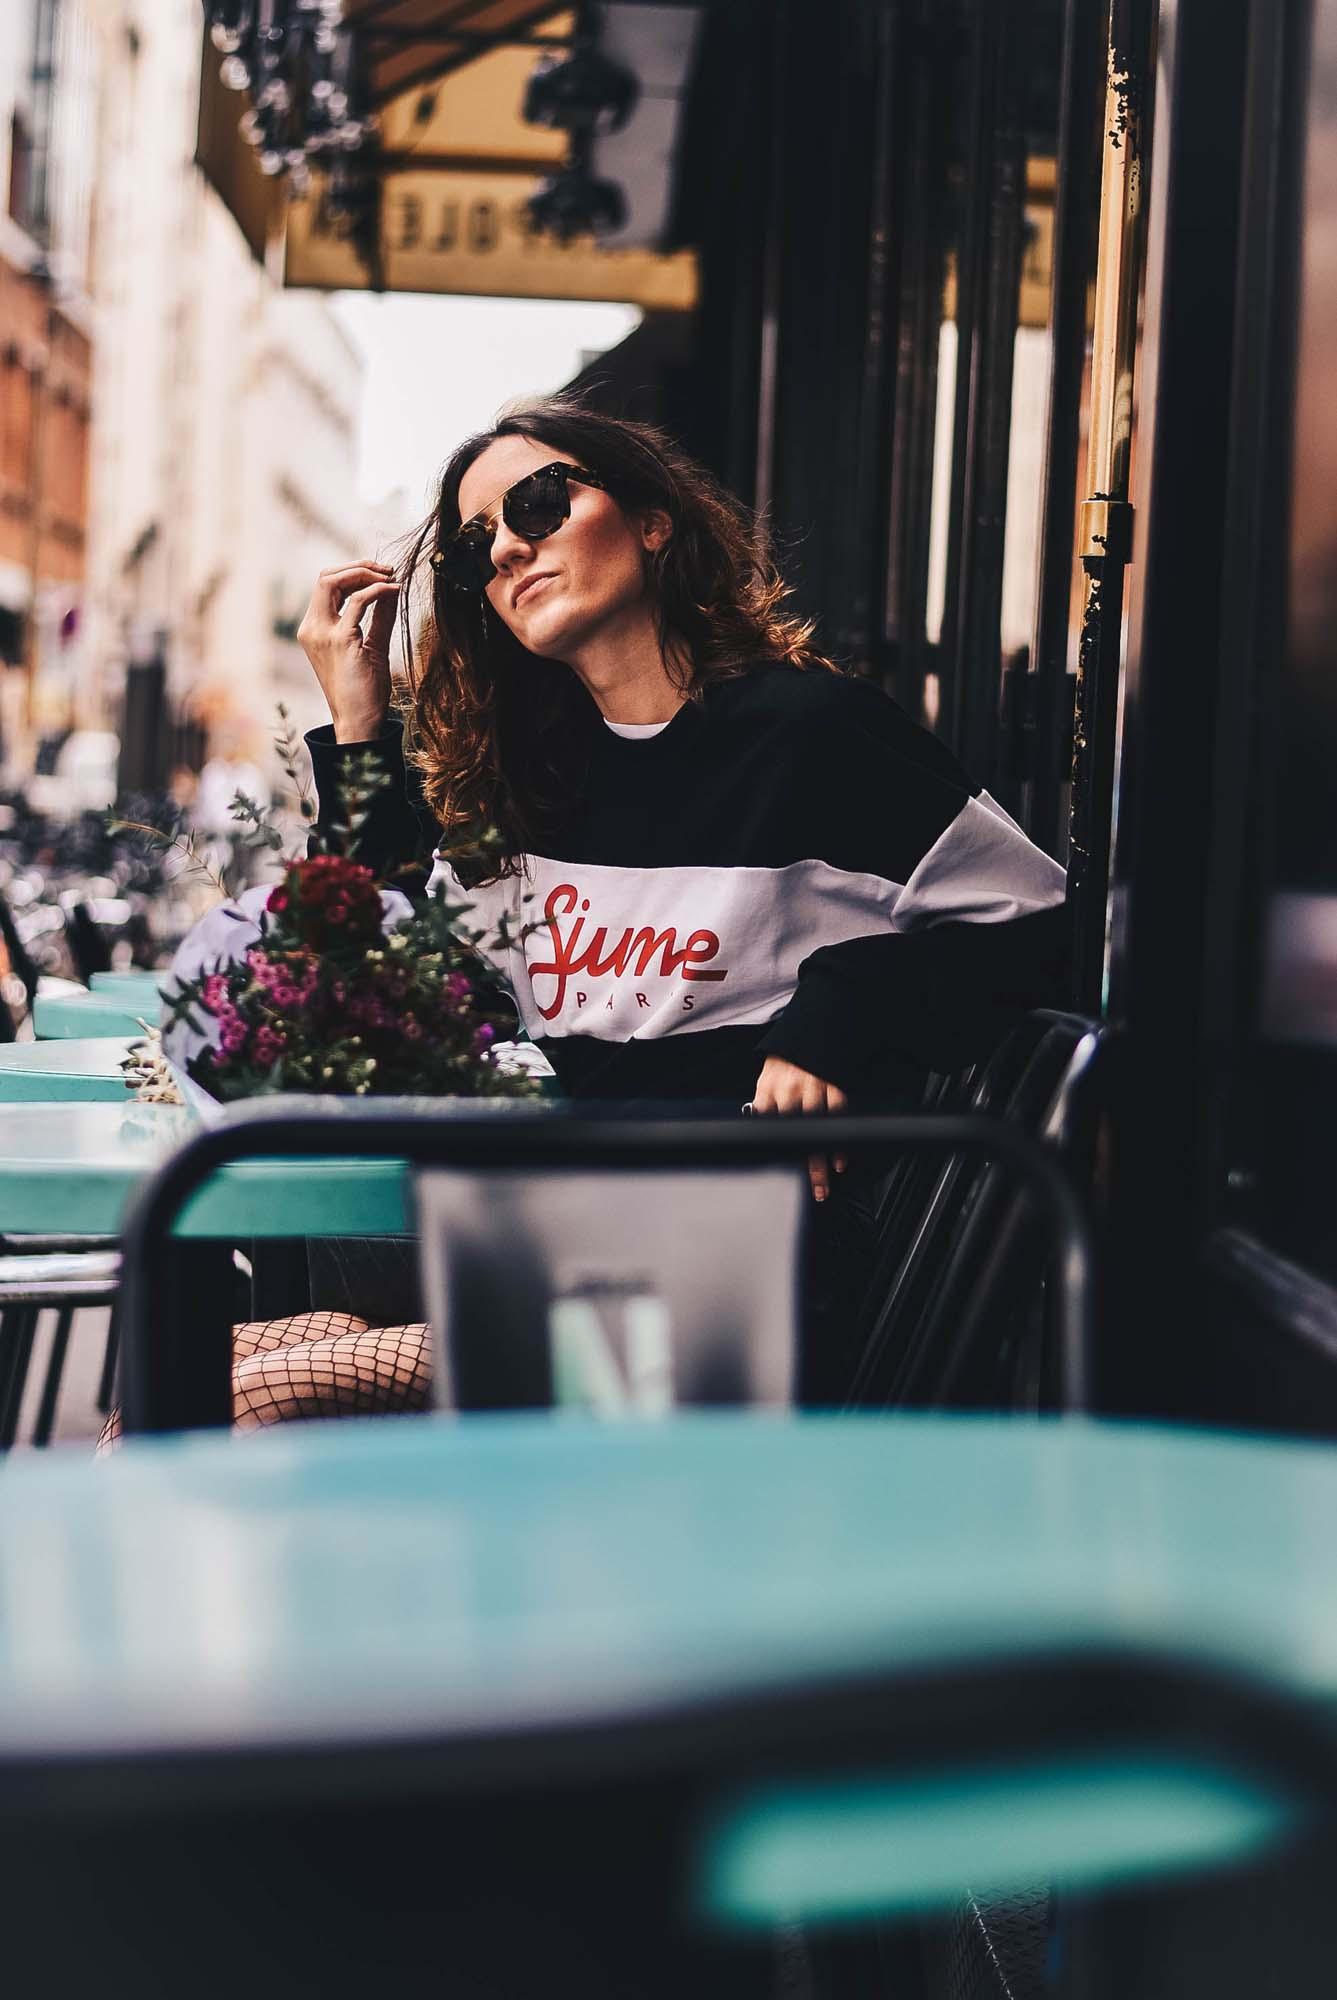 celine sunglasses paris 1yz5  Jupe*  Eleven Paris  Sweat*  SixthJune  Lunettes*  Celine via Easy  Lunettes Bas  H&M  Boots*  Minelli